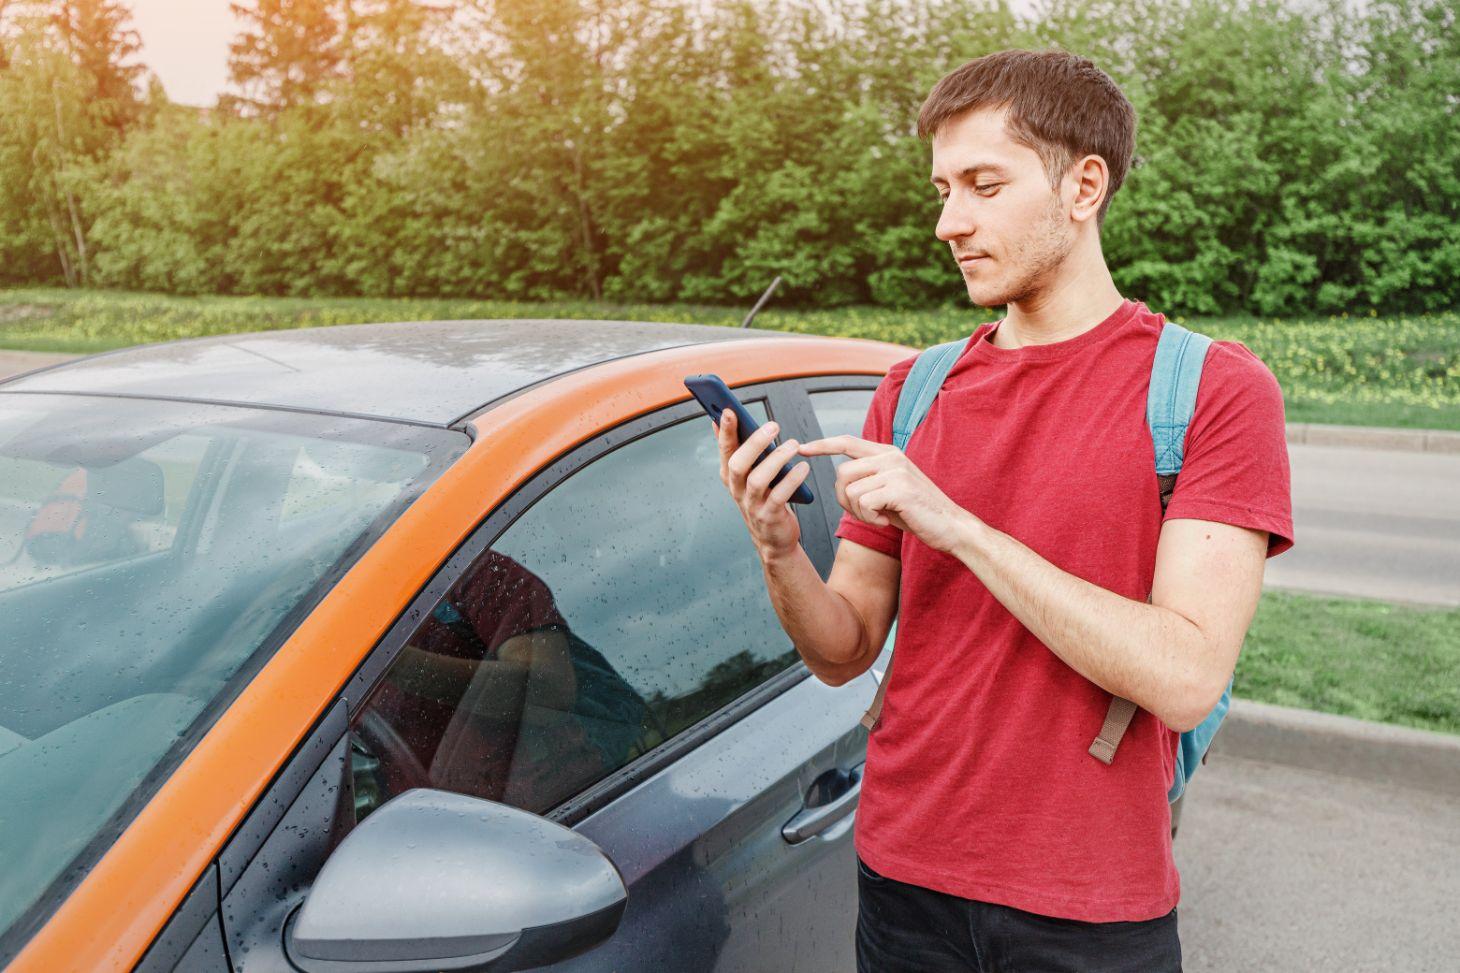 jovem com celular na mao com aplicativo de carsharing aberto representando carro multiplo